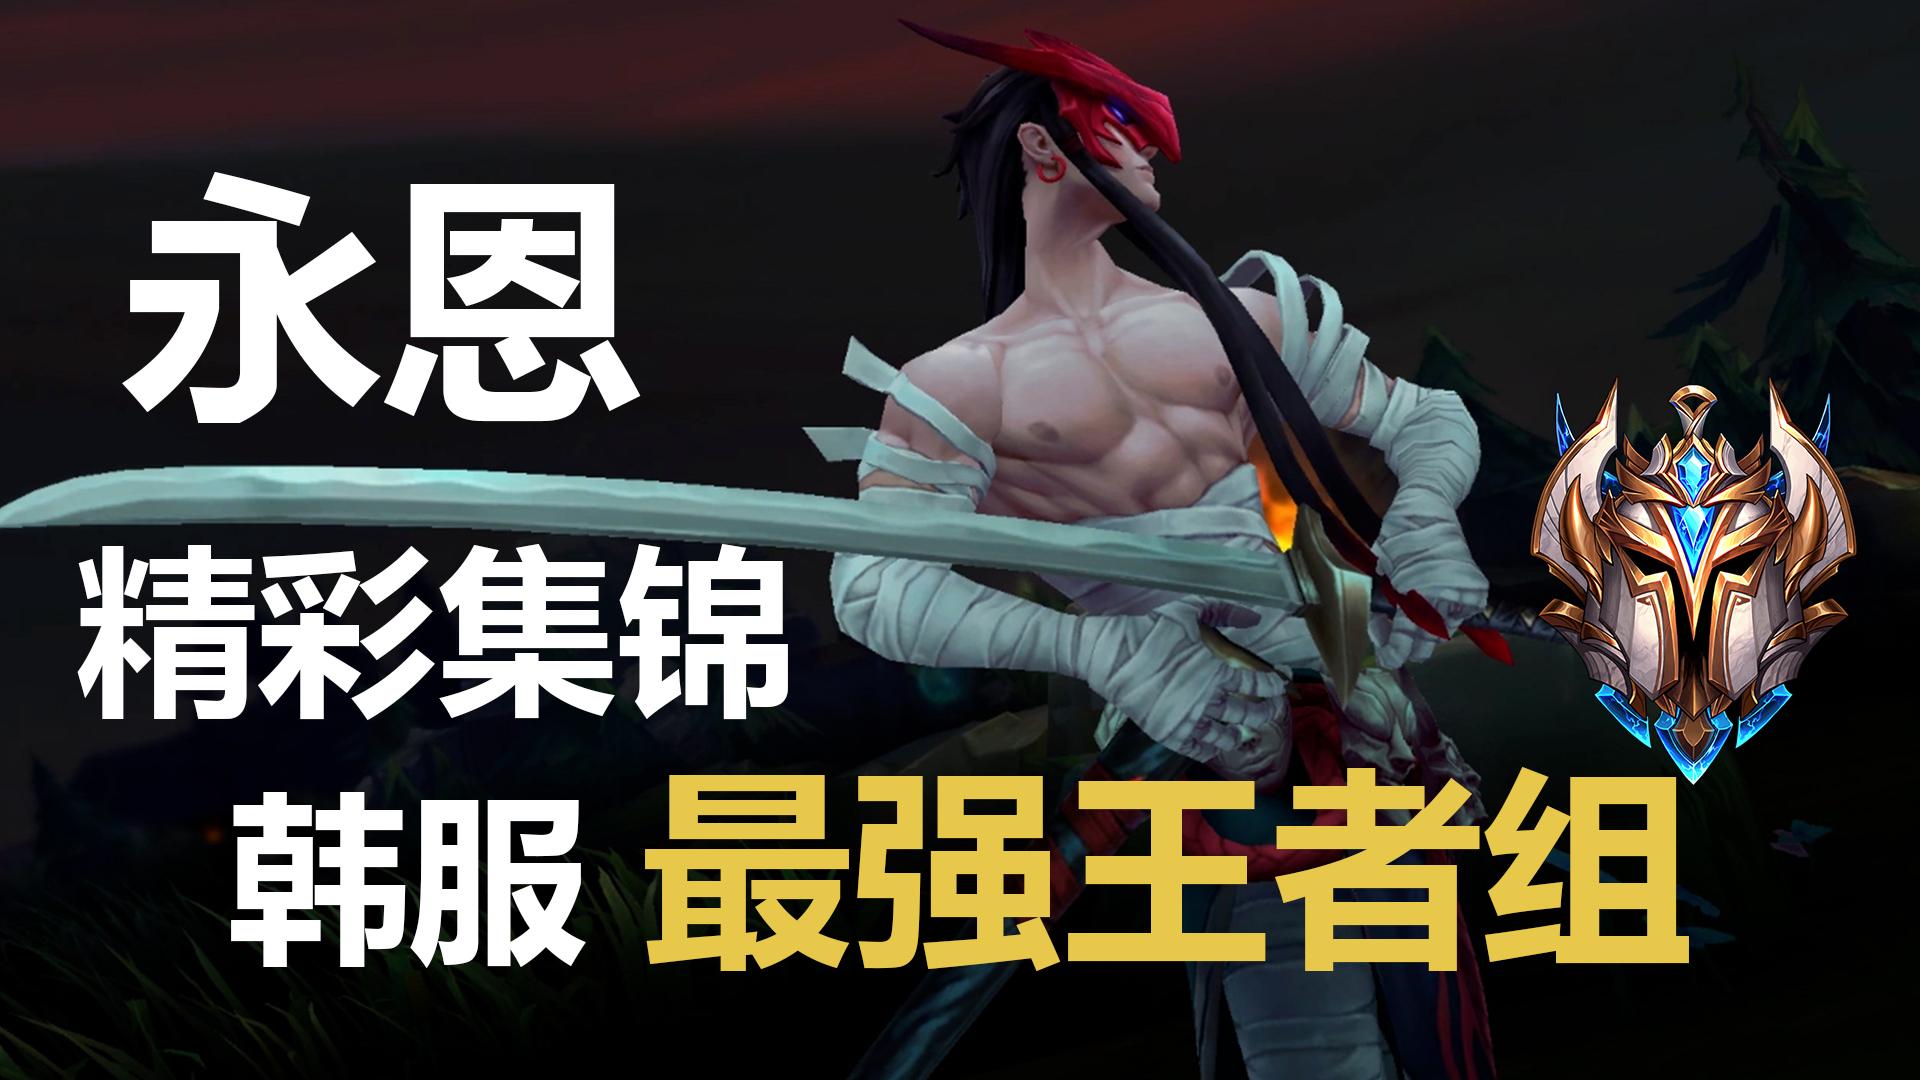 【初露锋芒】韩服最强王者组永恩精彩集锦